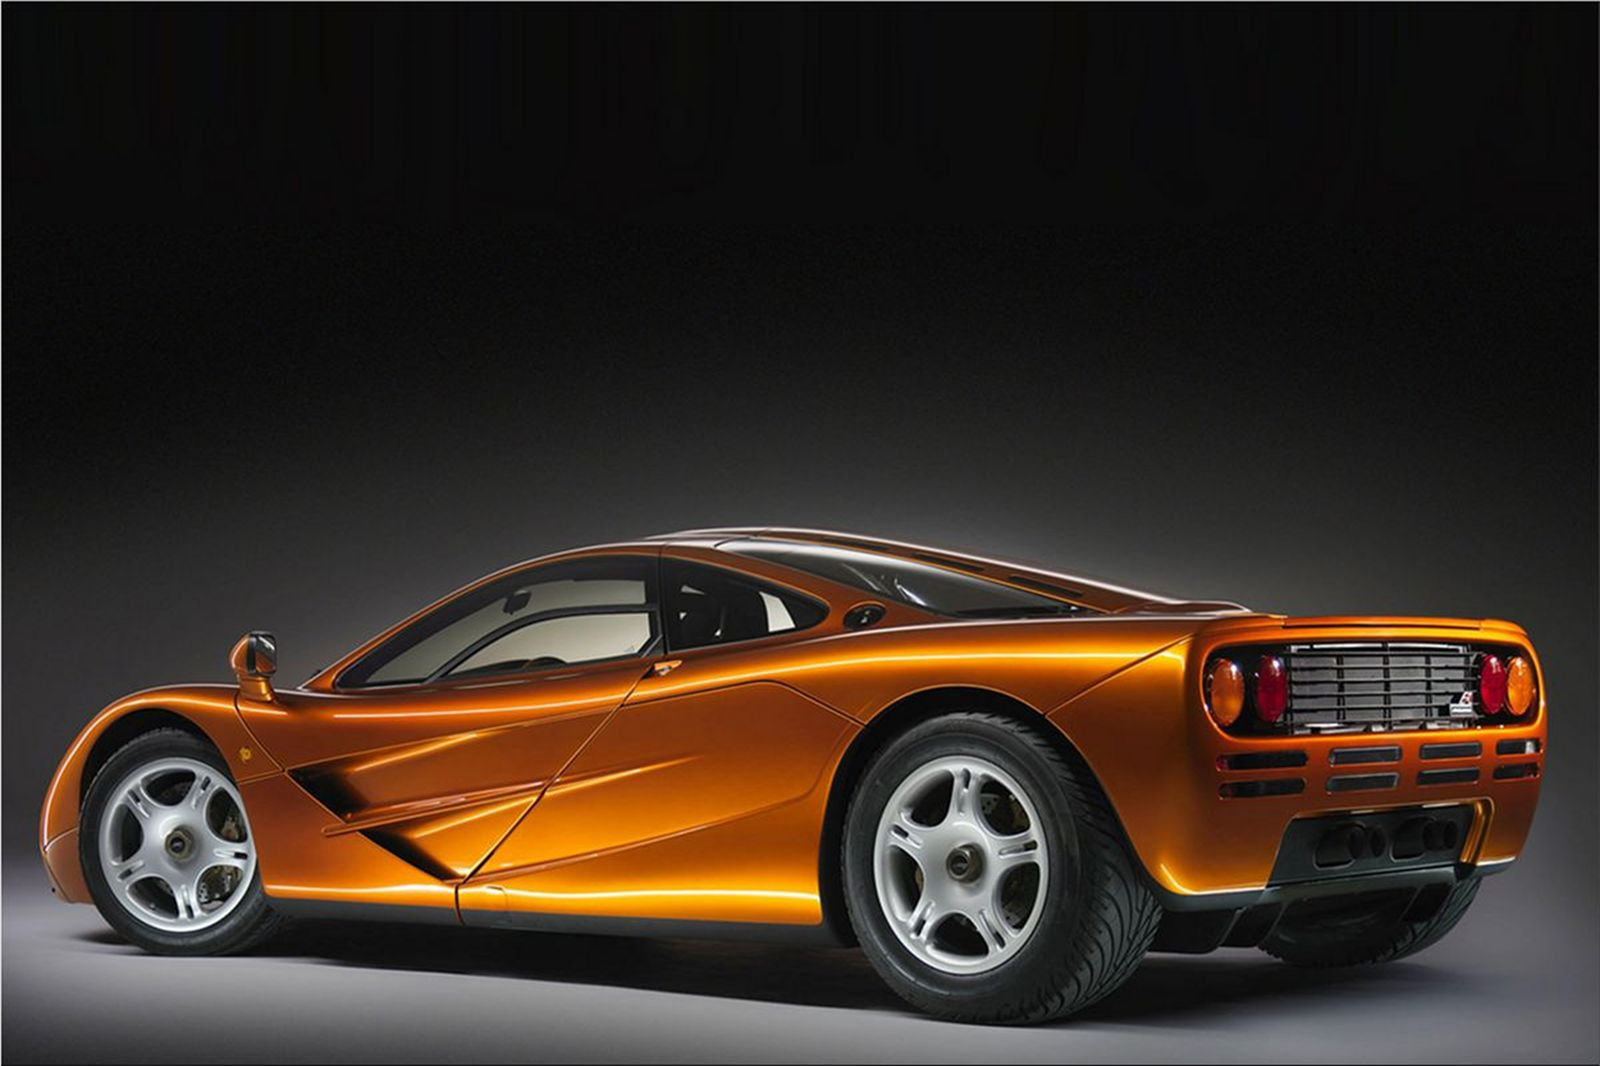 Mclaren F1 8 Widescreen Car Wallpaper